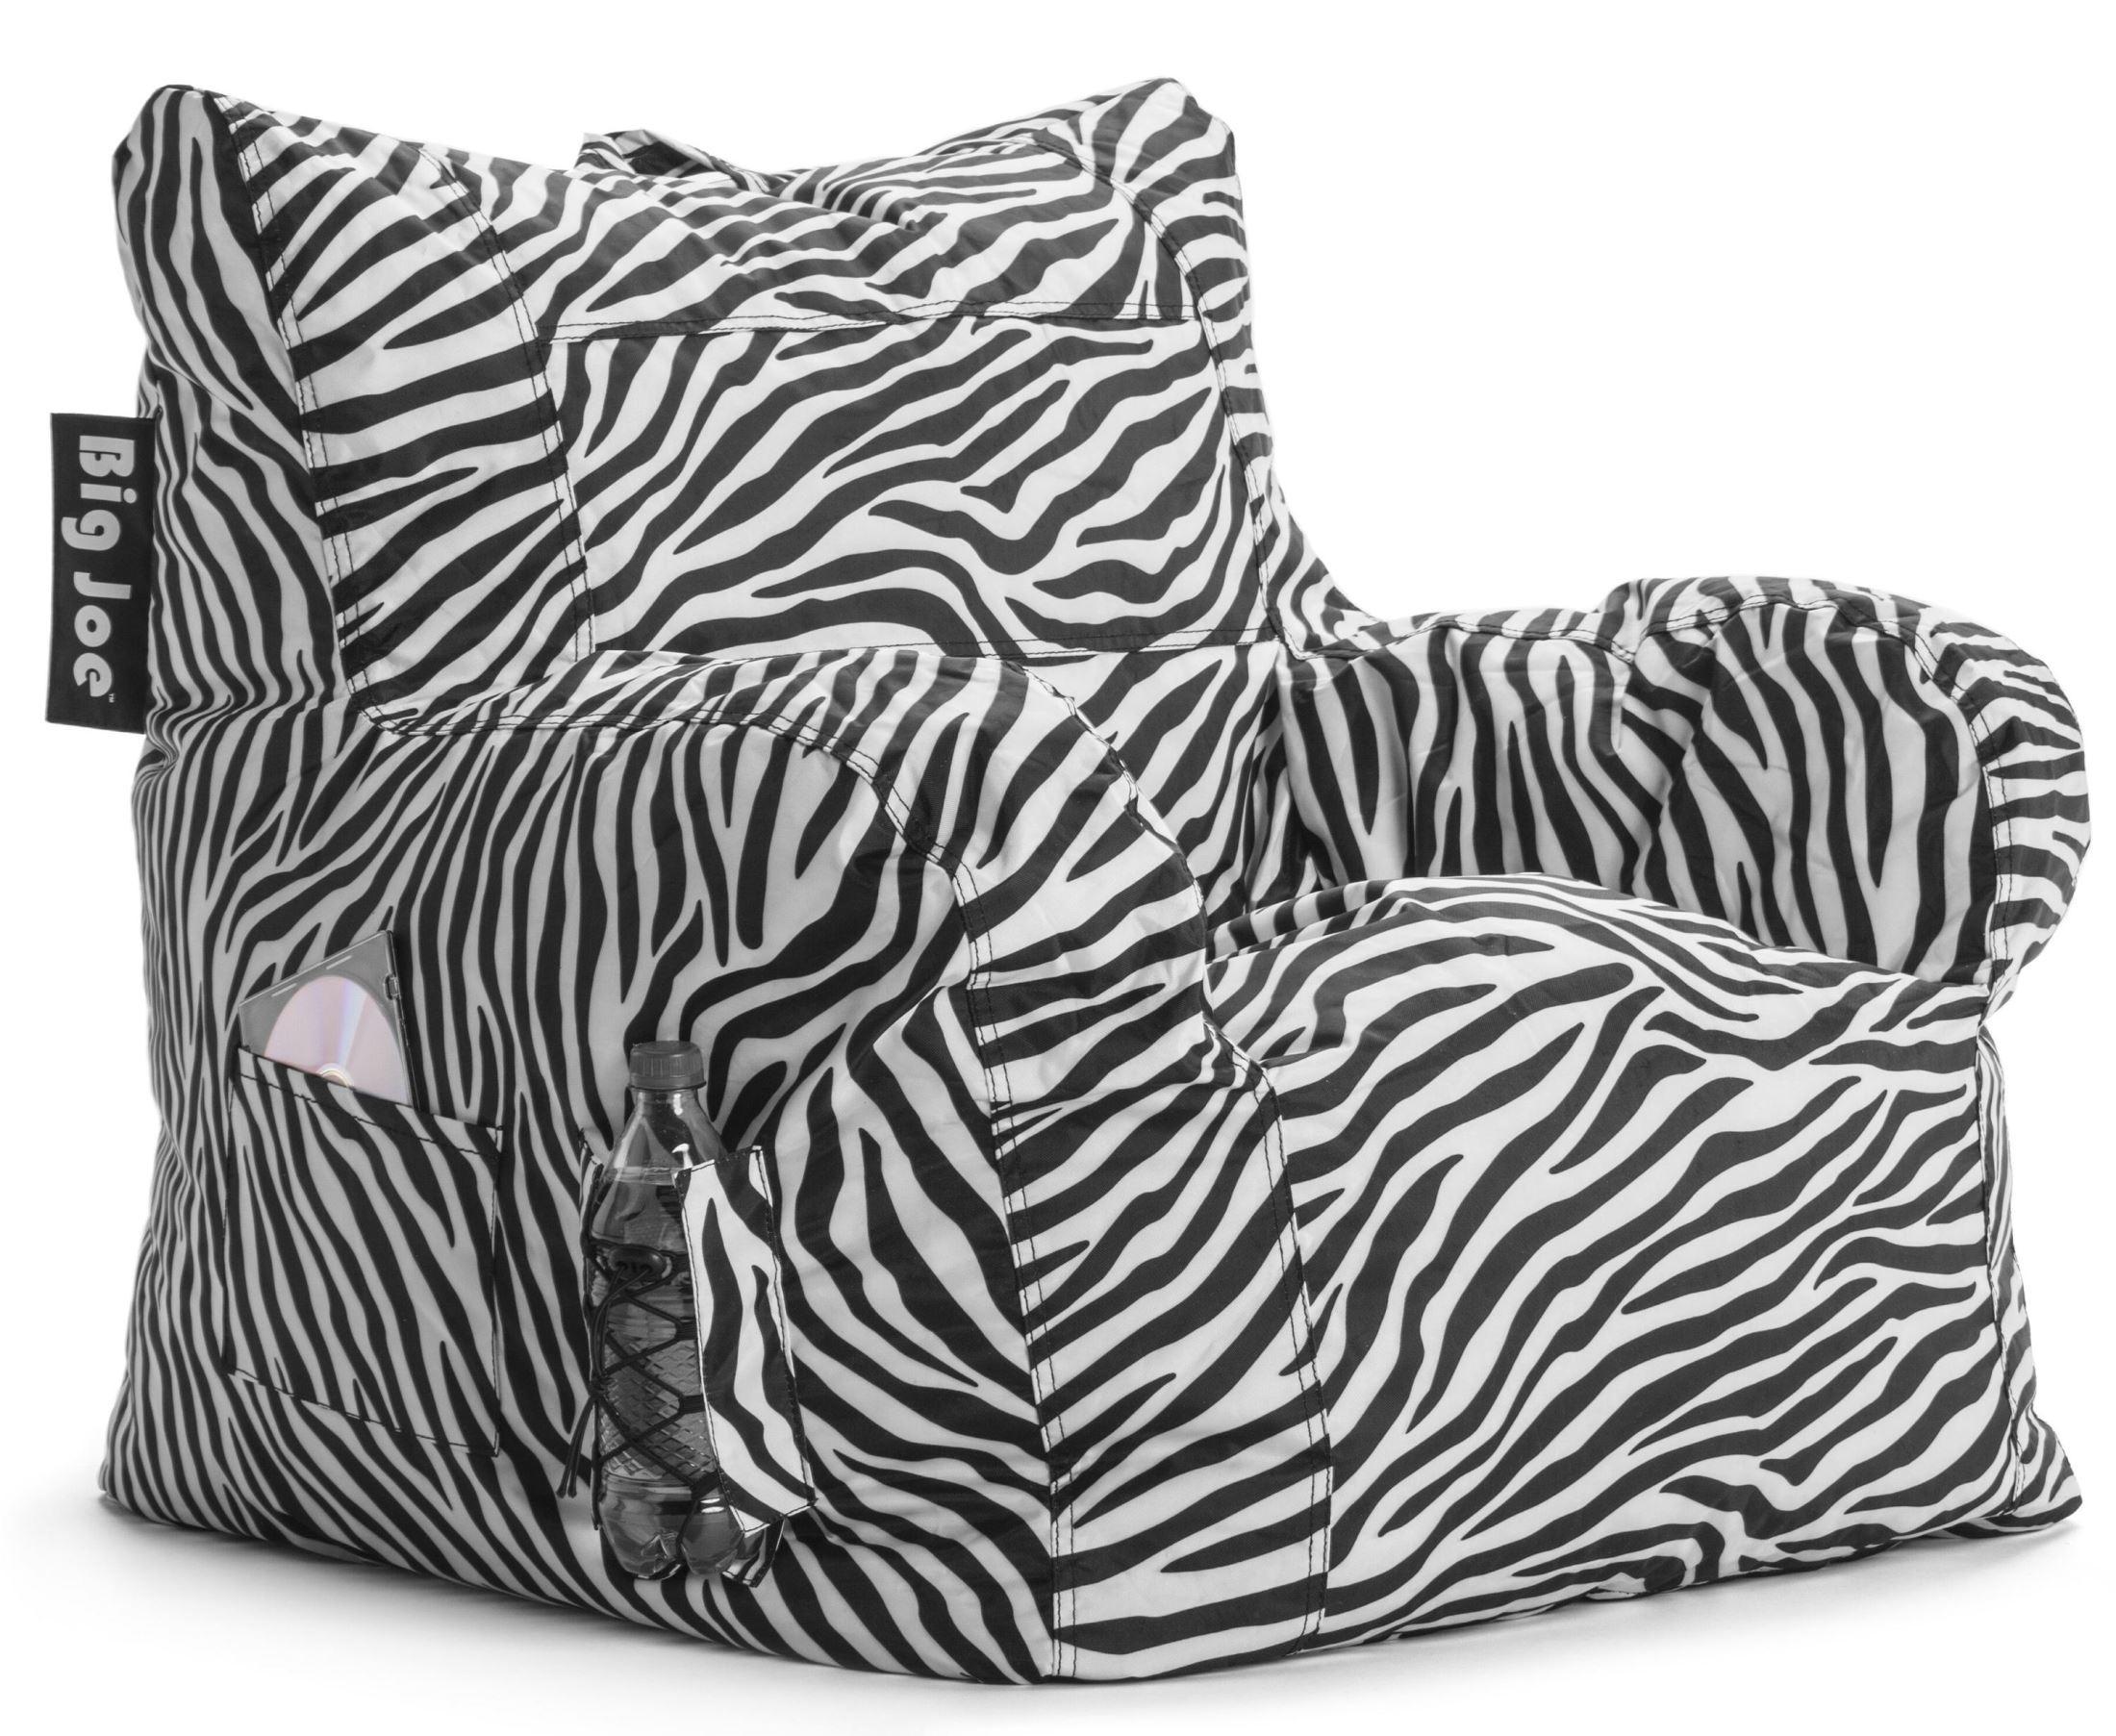 Big Joe Dorm Zebra SmartMax Chair From Comfort Research 645182